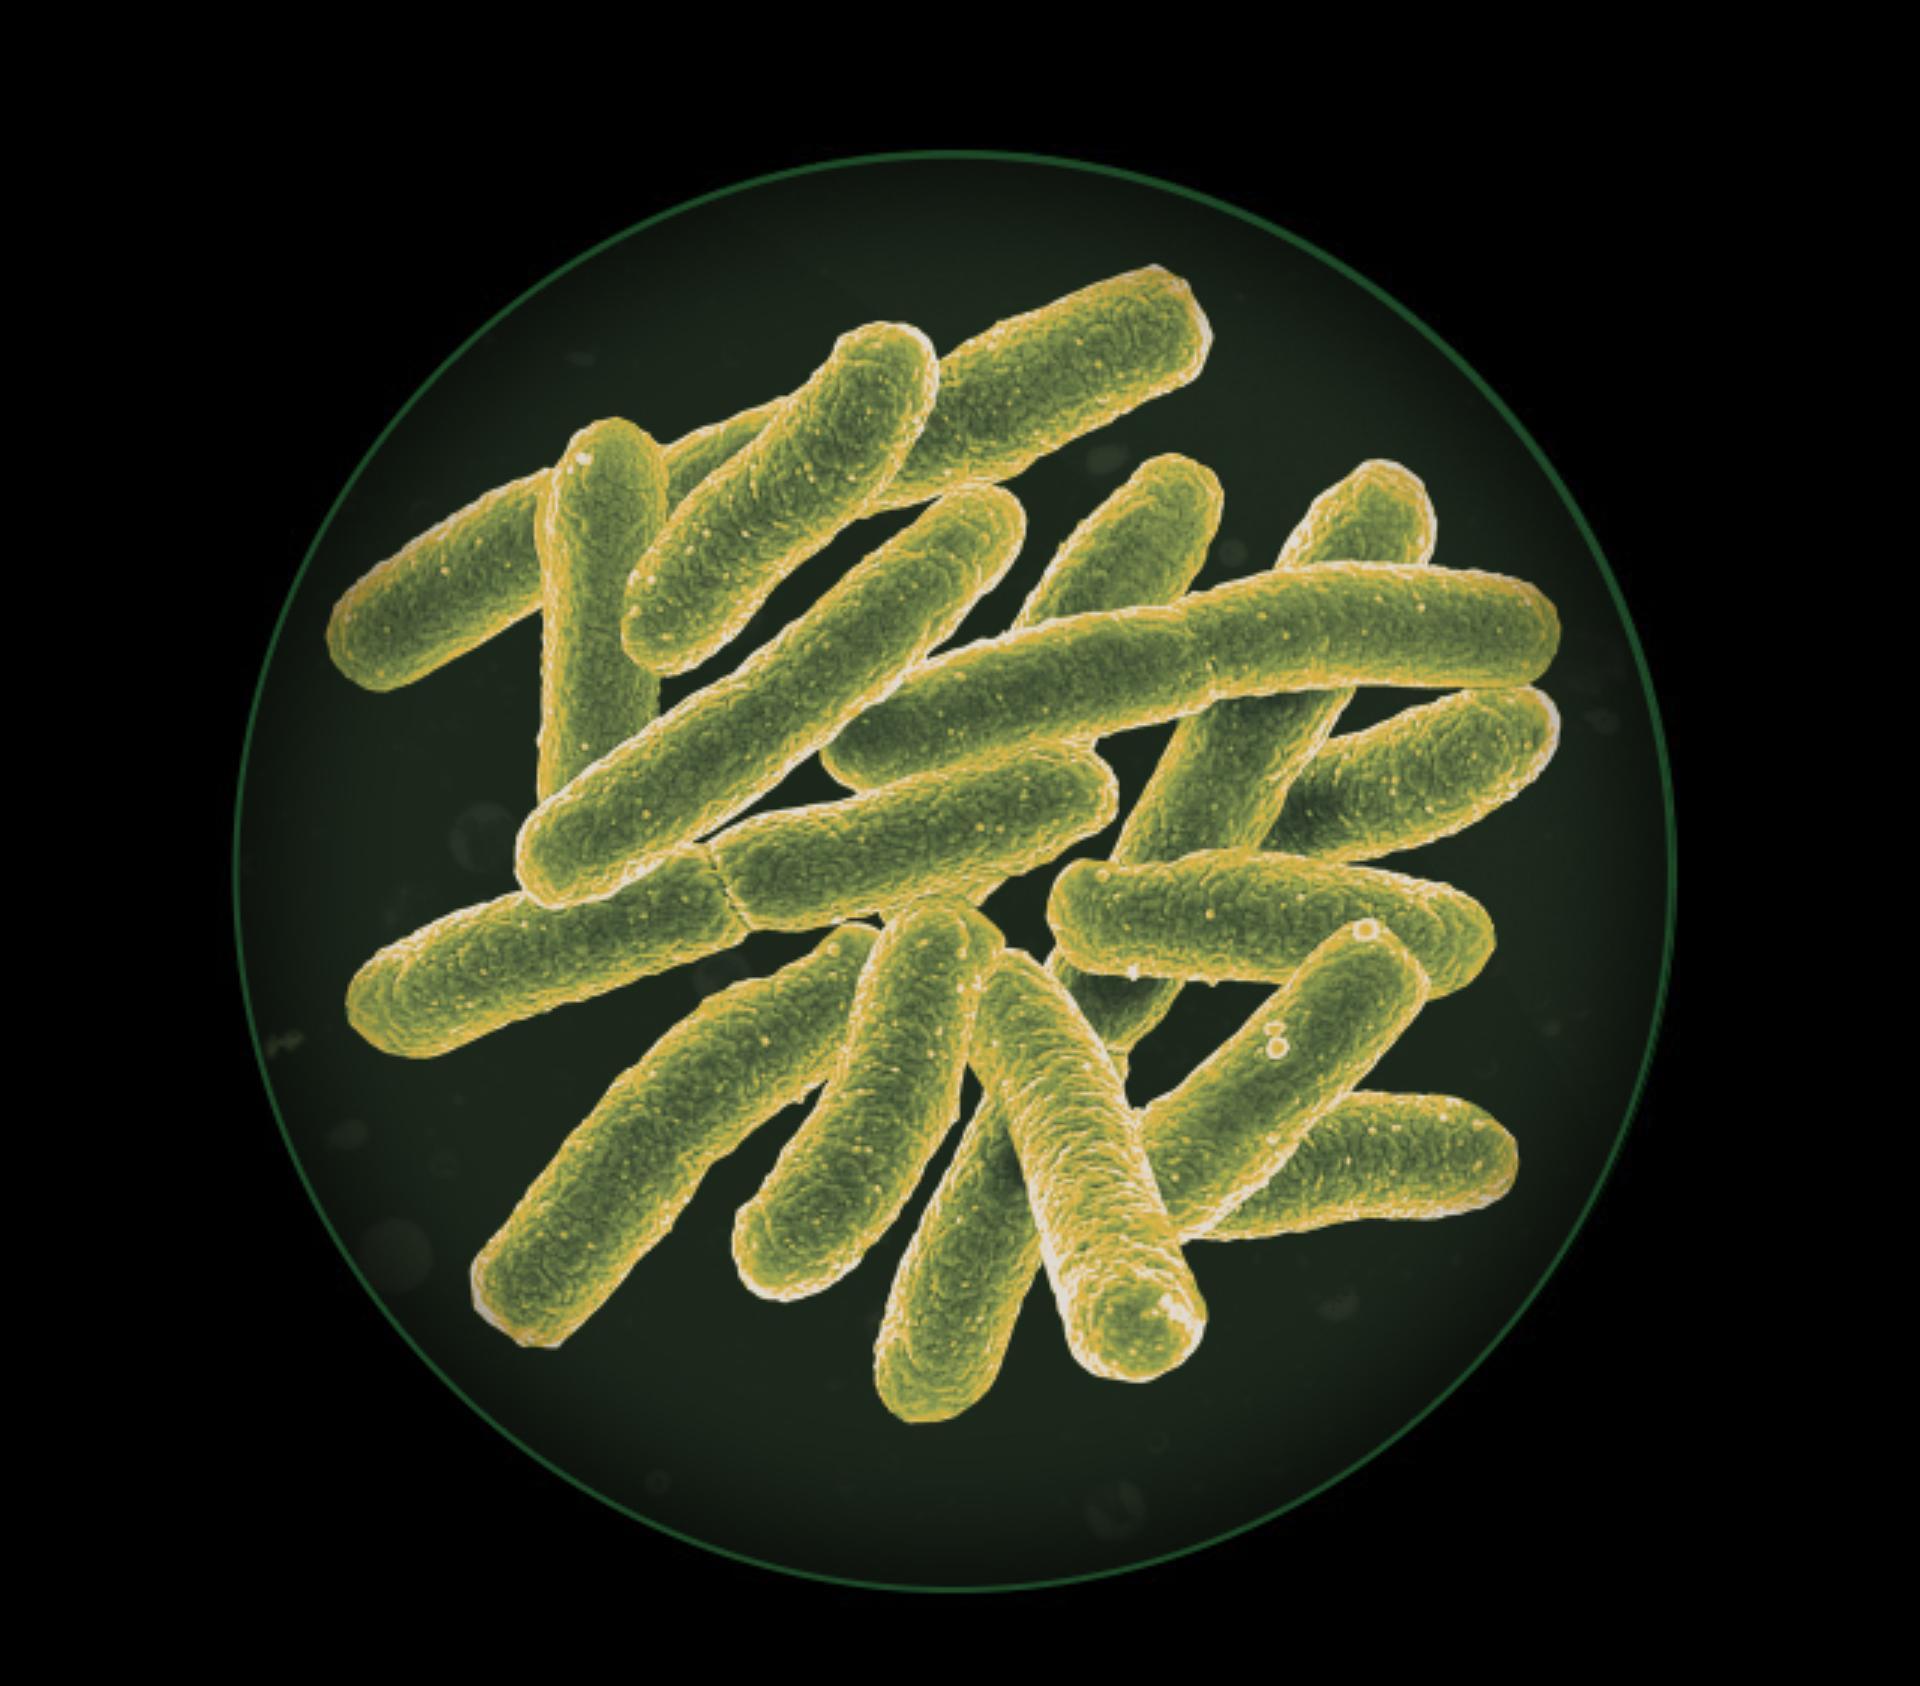 مخطط للبكتيريا والعفن